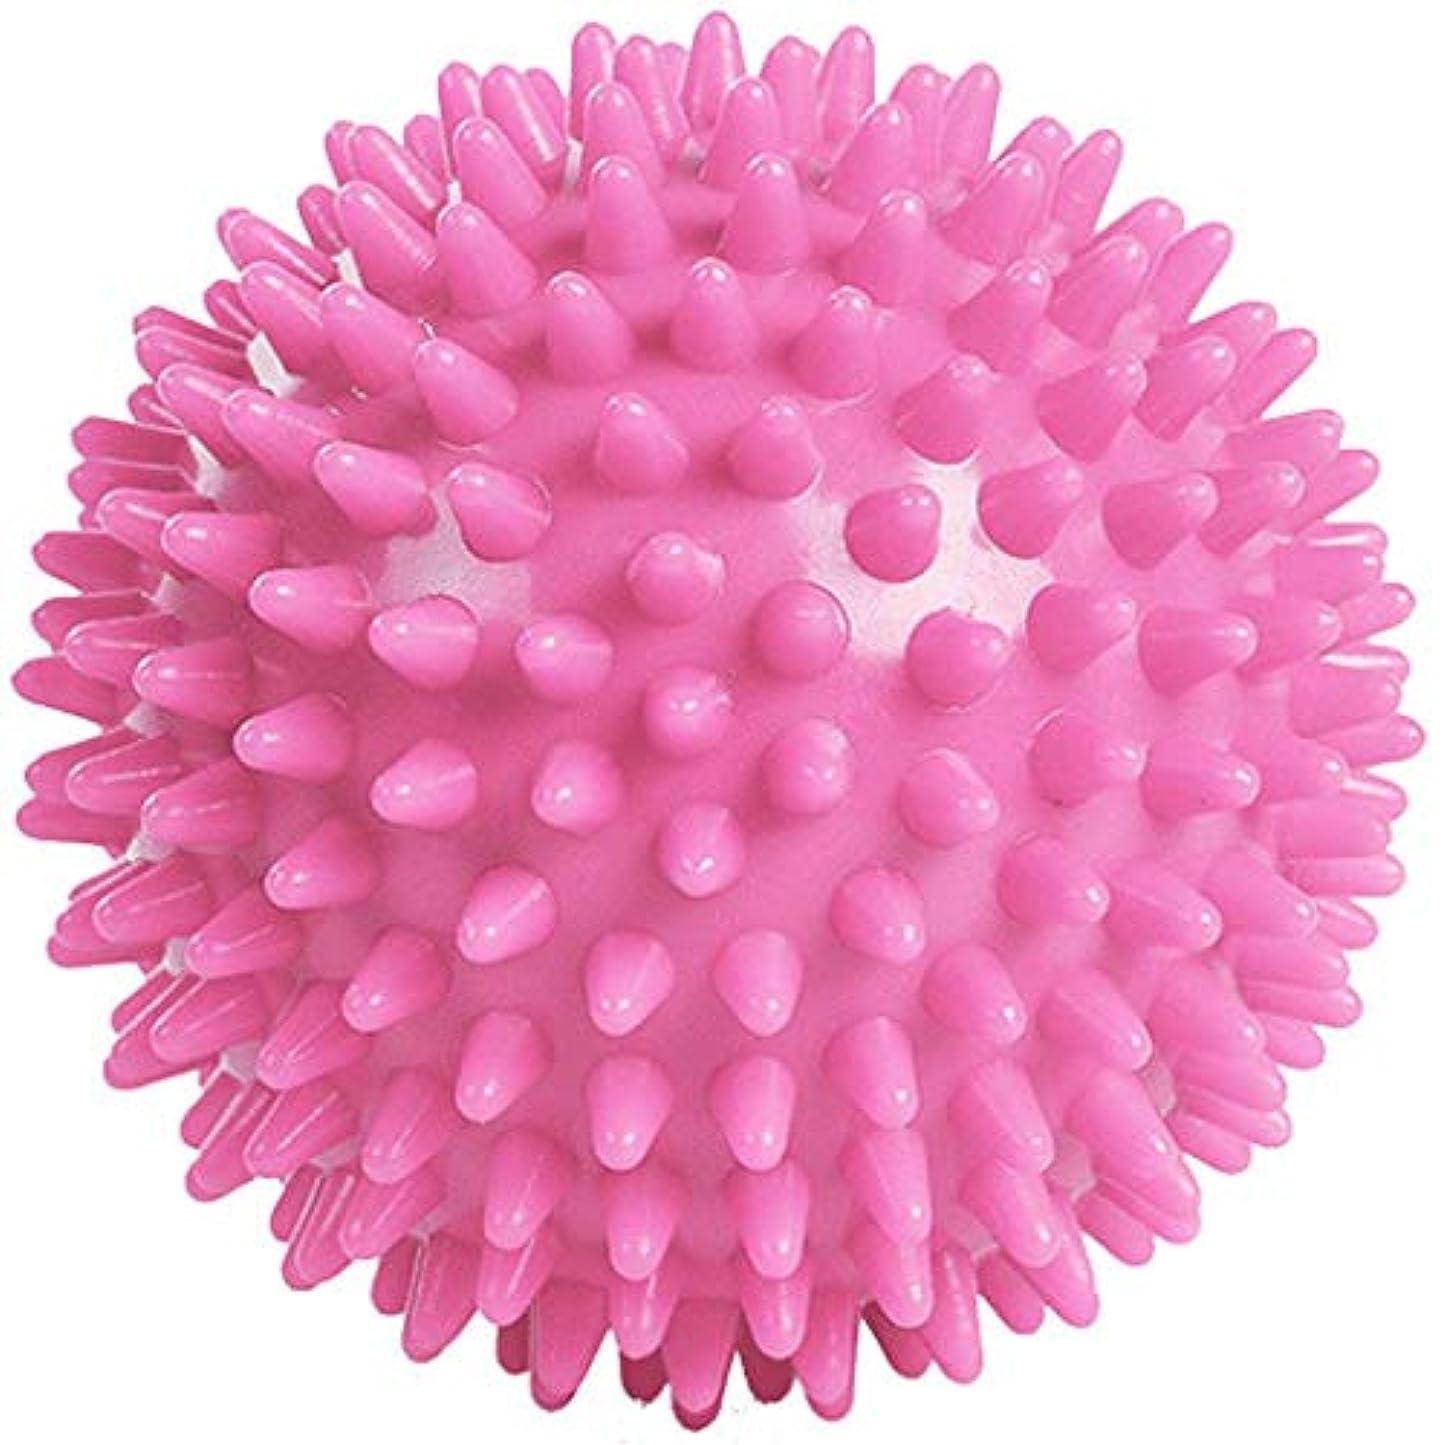 トランジスタ記念品貨物TopFires リフレックスボール 触覚ボール 足裏手 背中のマッサージボール リハビリ マッサージ用 血液循環促進 筋肉緊張 圧迫で解きほぐす